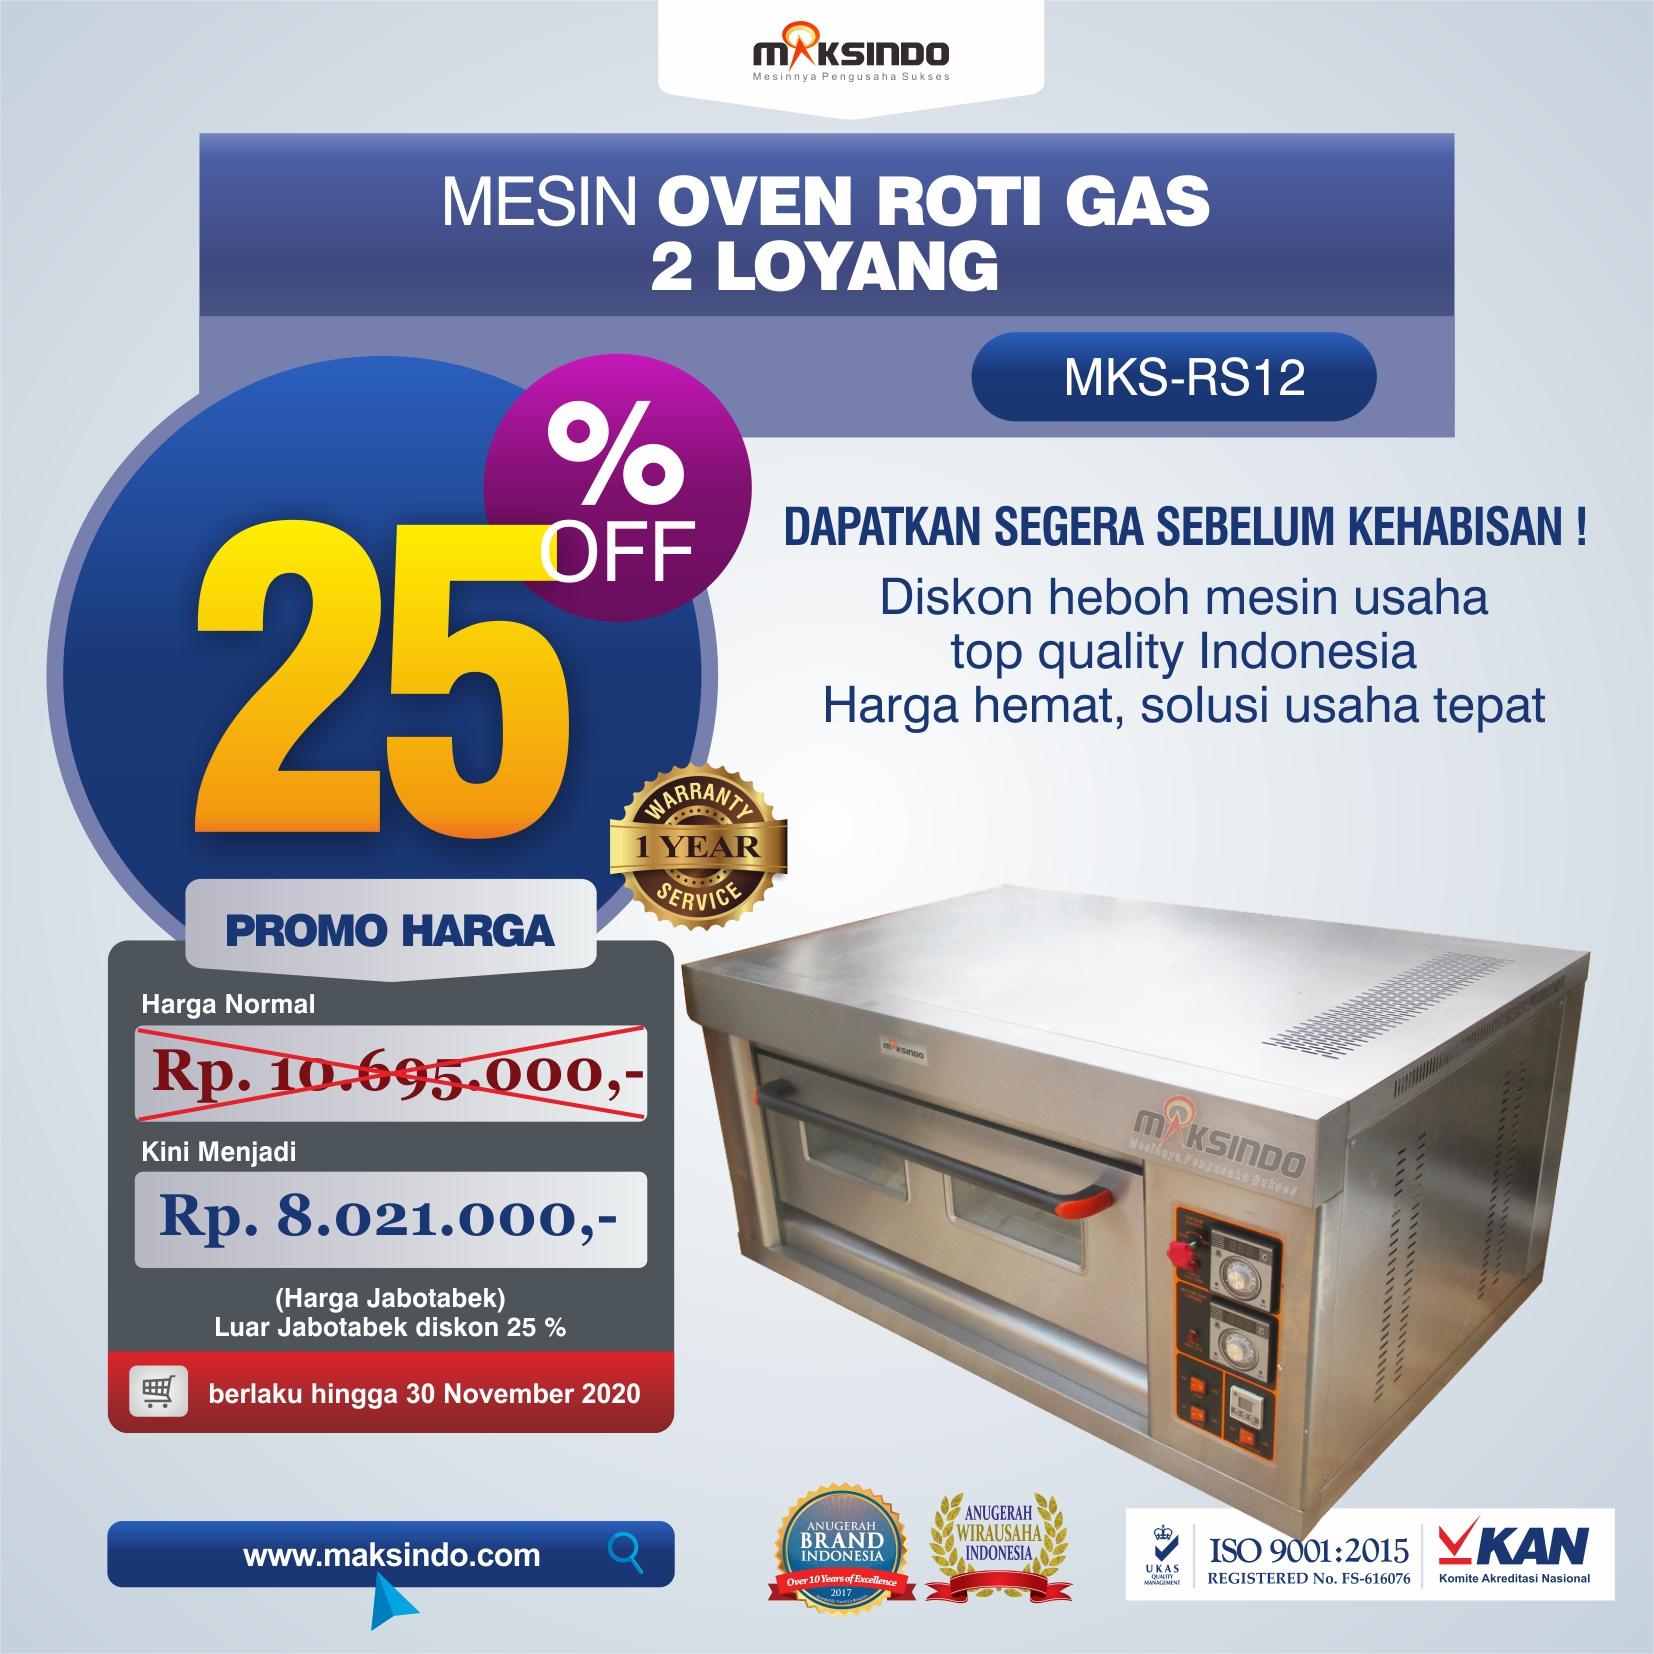 Jual Mesin Oven Roti Gas 2 Loyang (MKS-RS12) di Tangerang